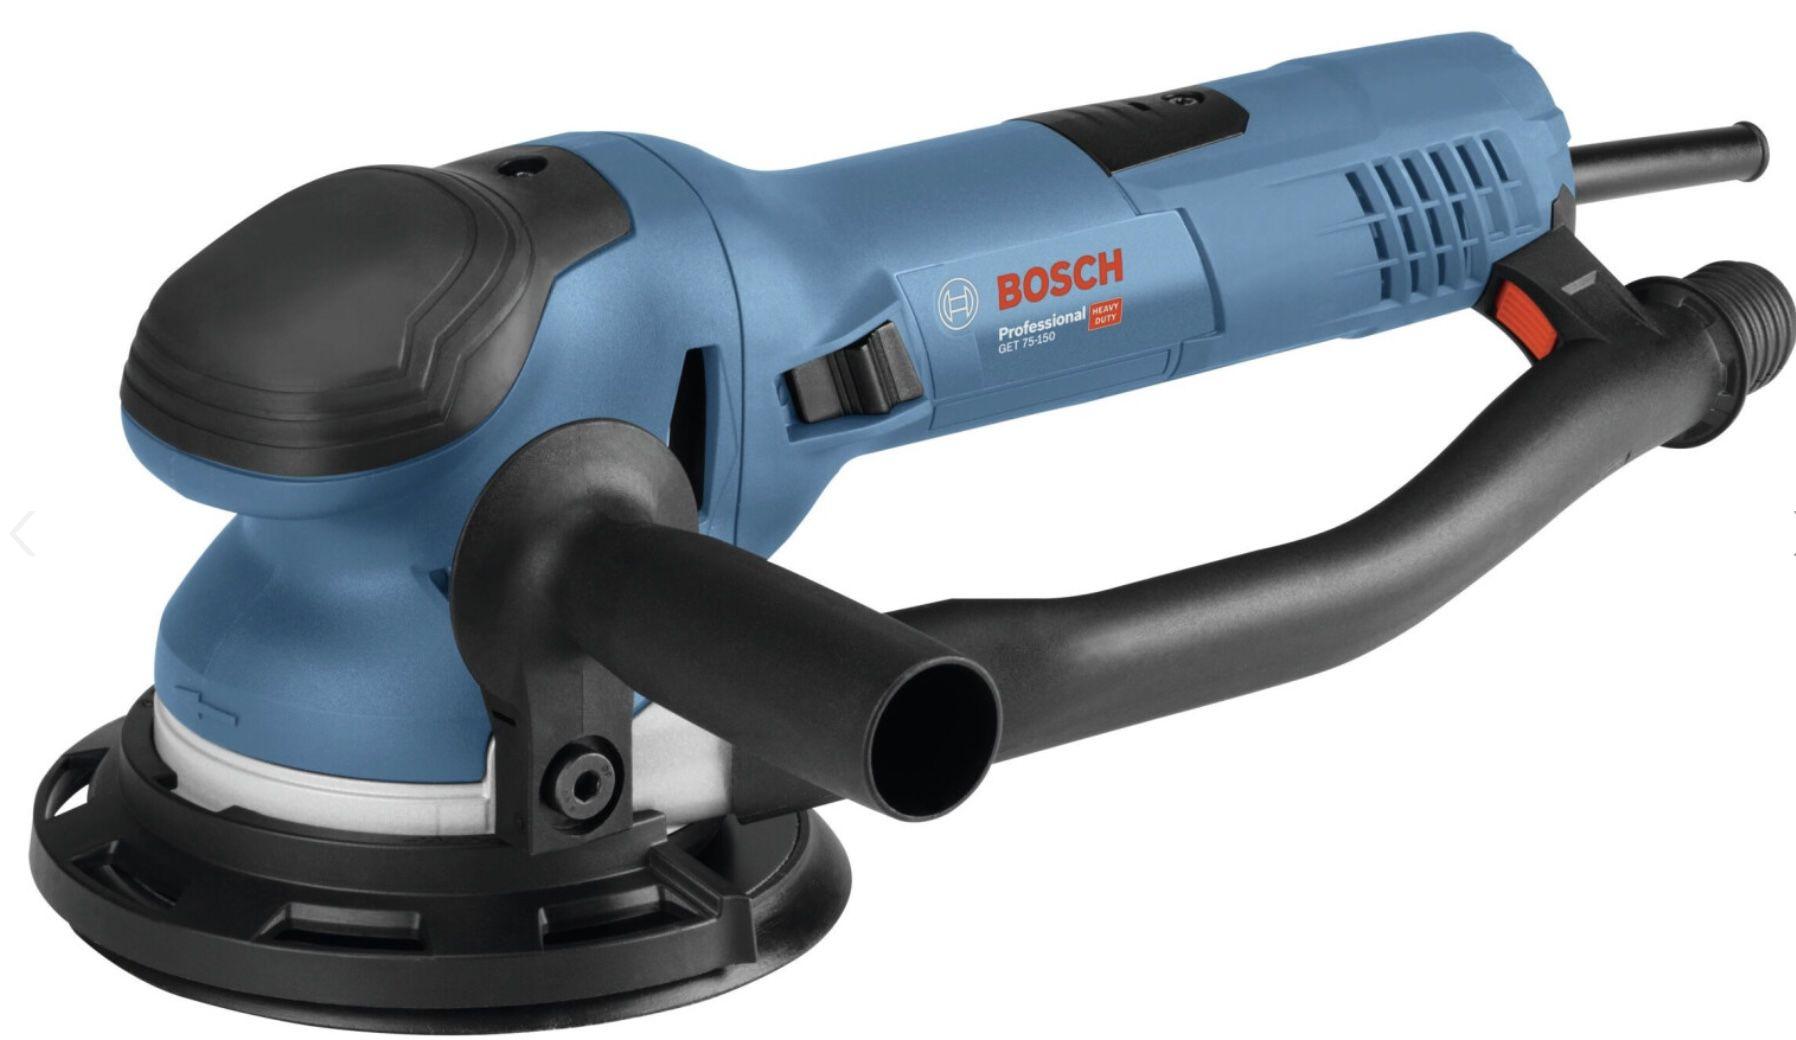 Bosch Exzenterschleifer GET 75 150 inkl. Zubehör in L BOXX für 304,88€ (statt 335€)